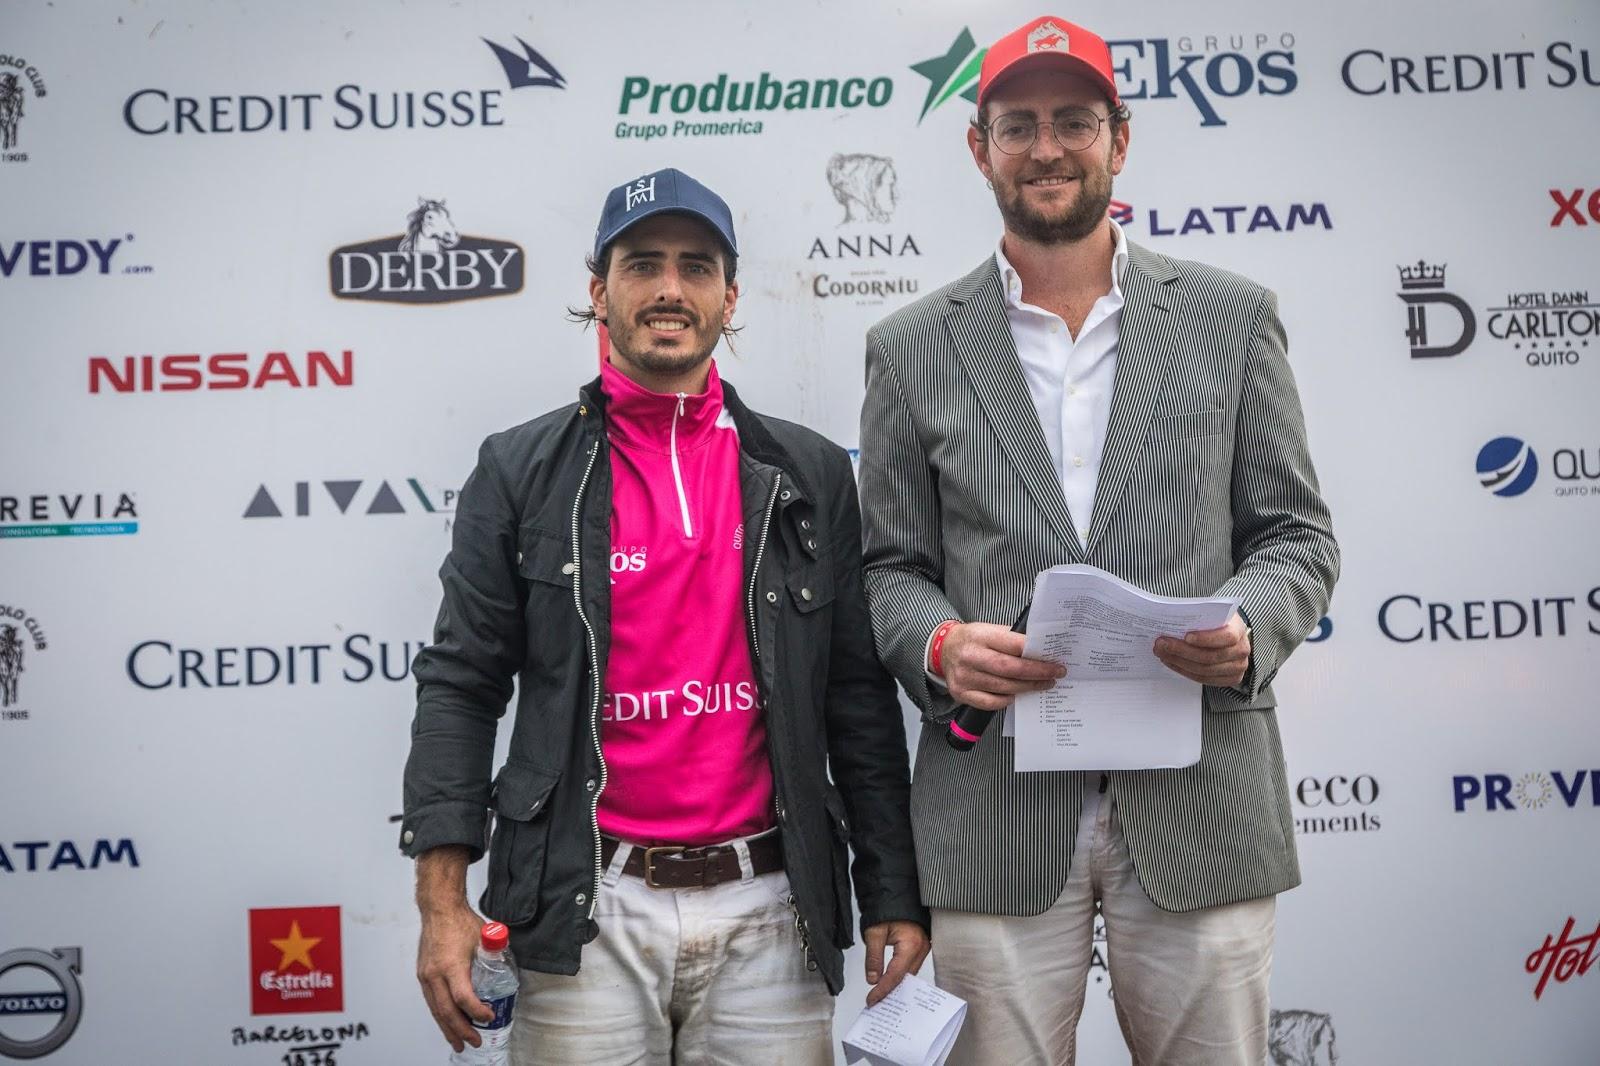 Polo in the Andes culminó la tercera edición de la Copa Credit Suisse con más de 1.500 asistentes